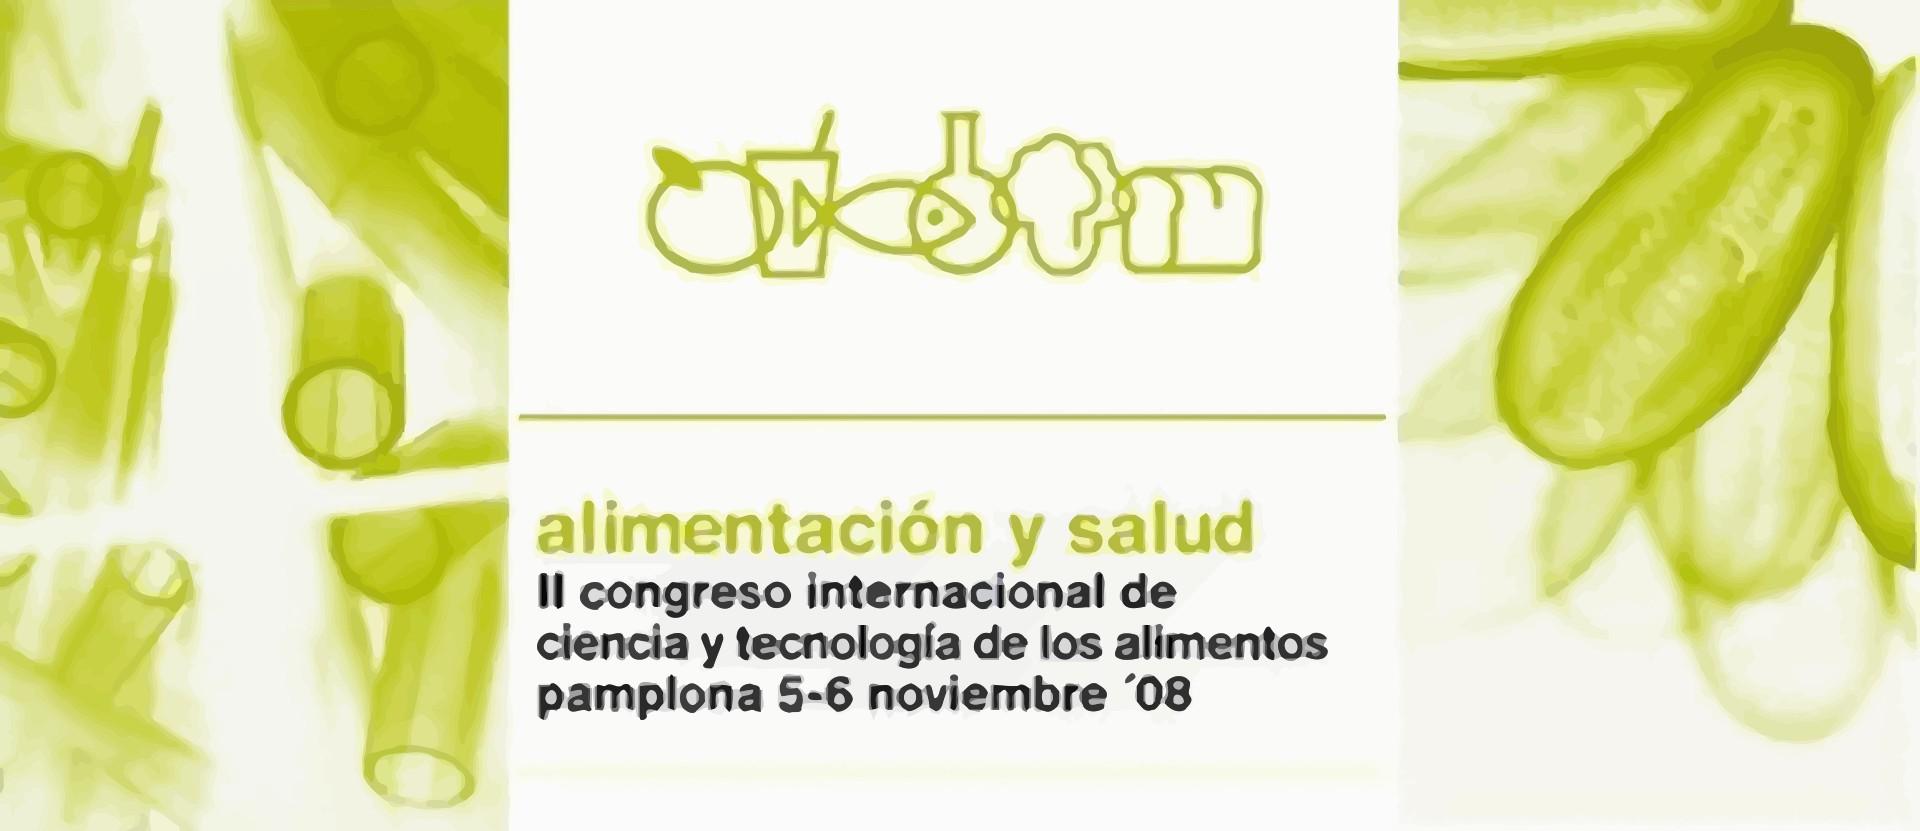 Congreso Internacional de Ciencia y Tecnología de los Alimentos